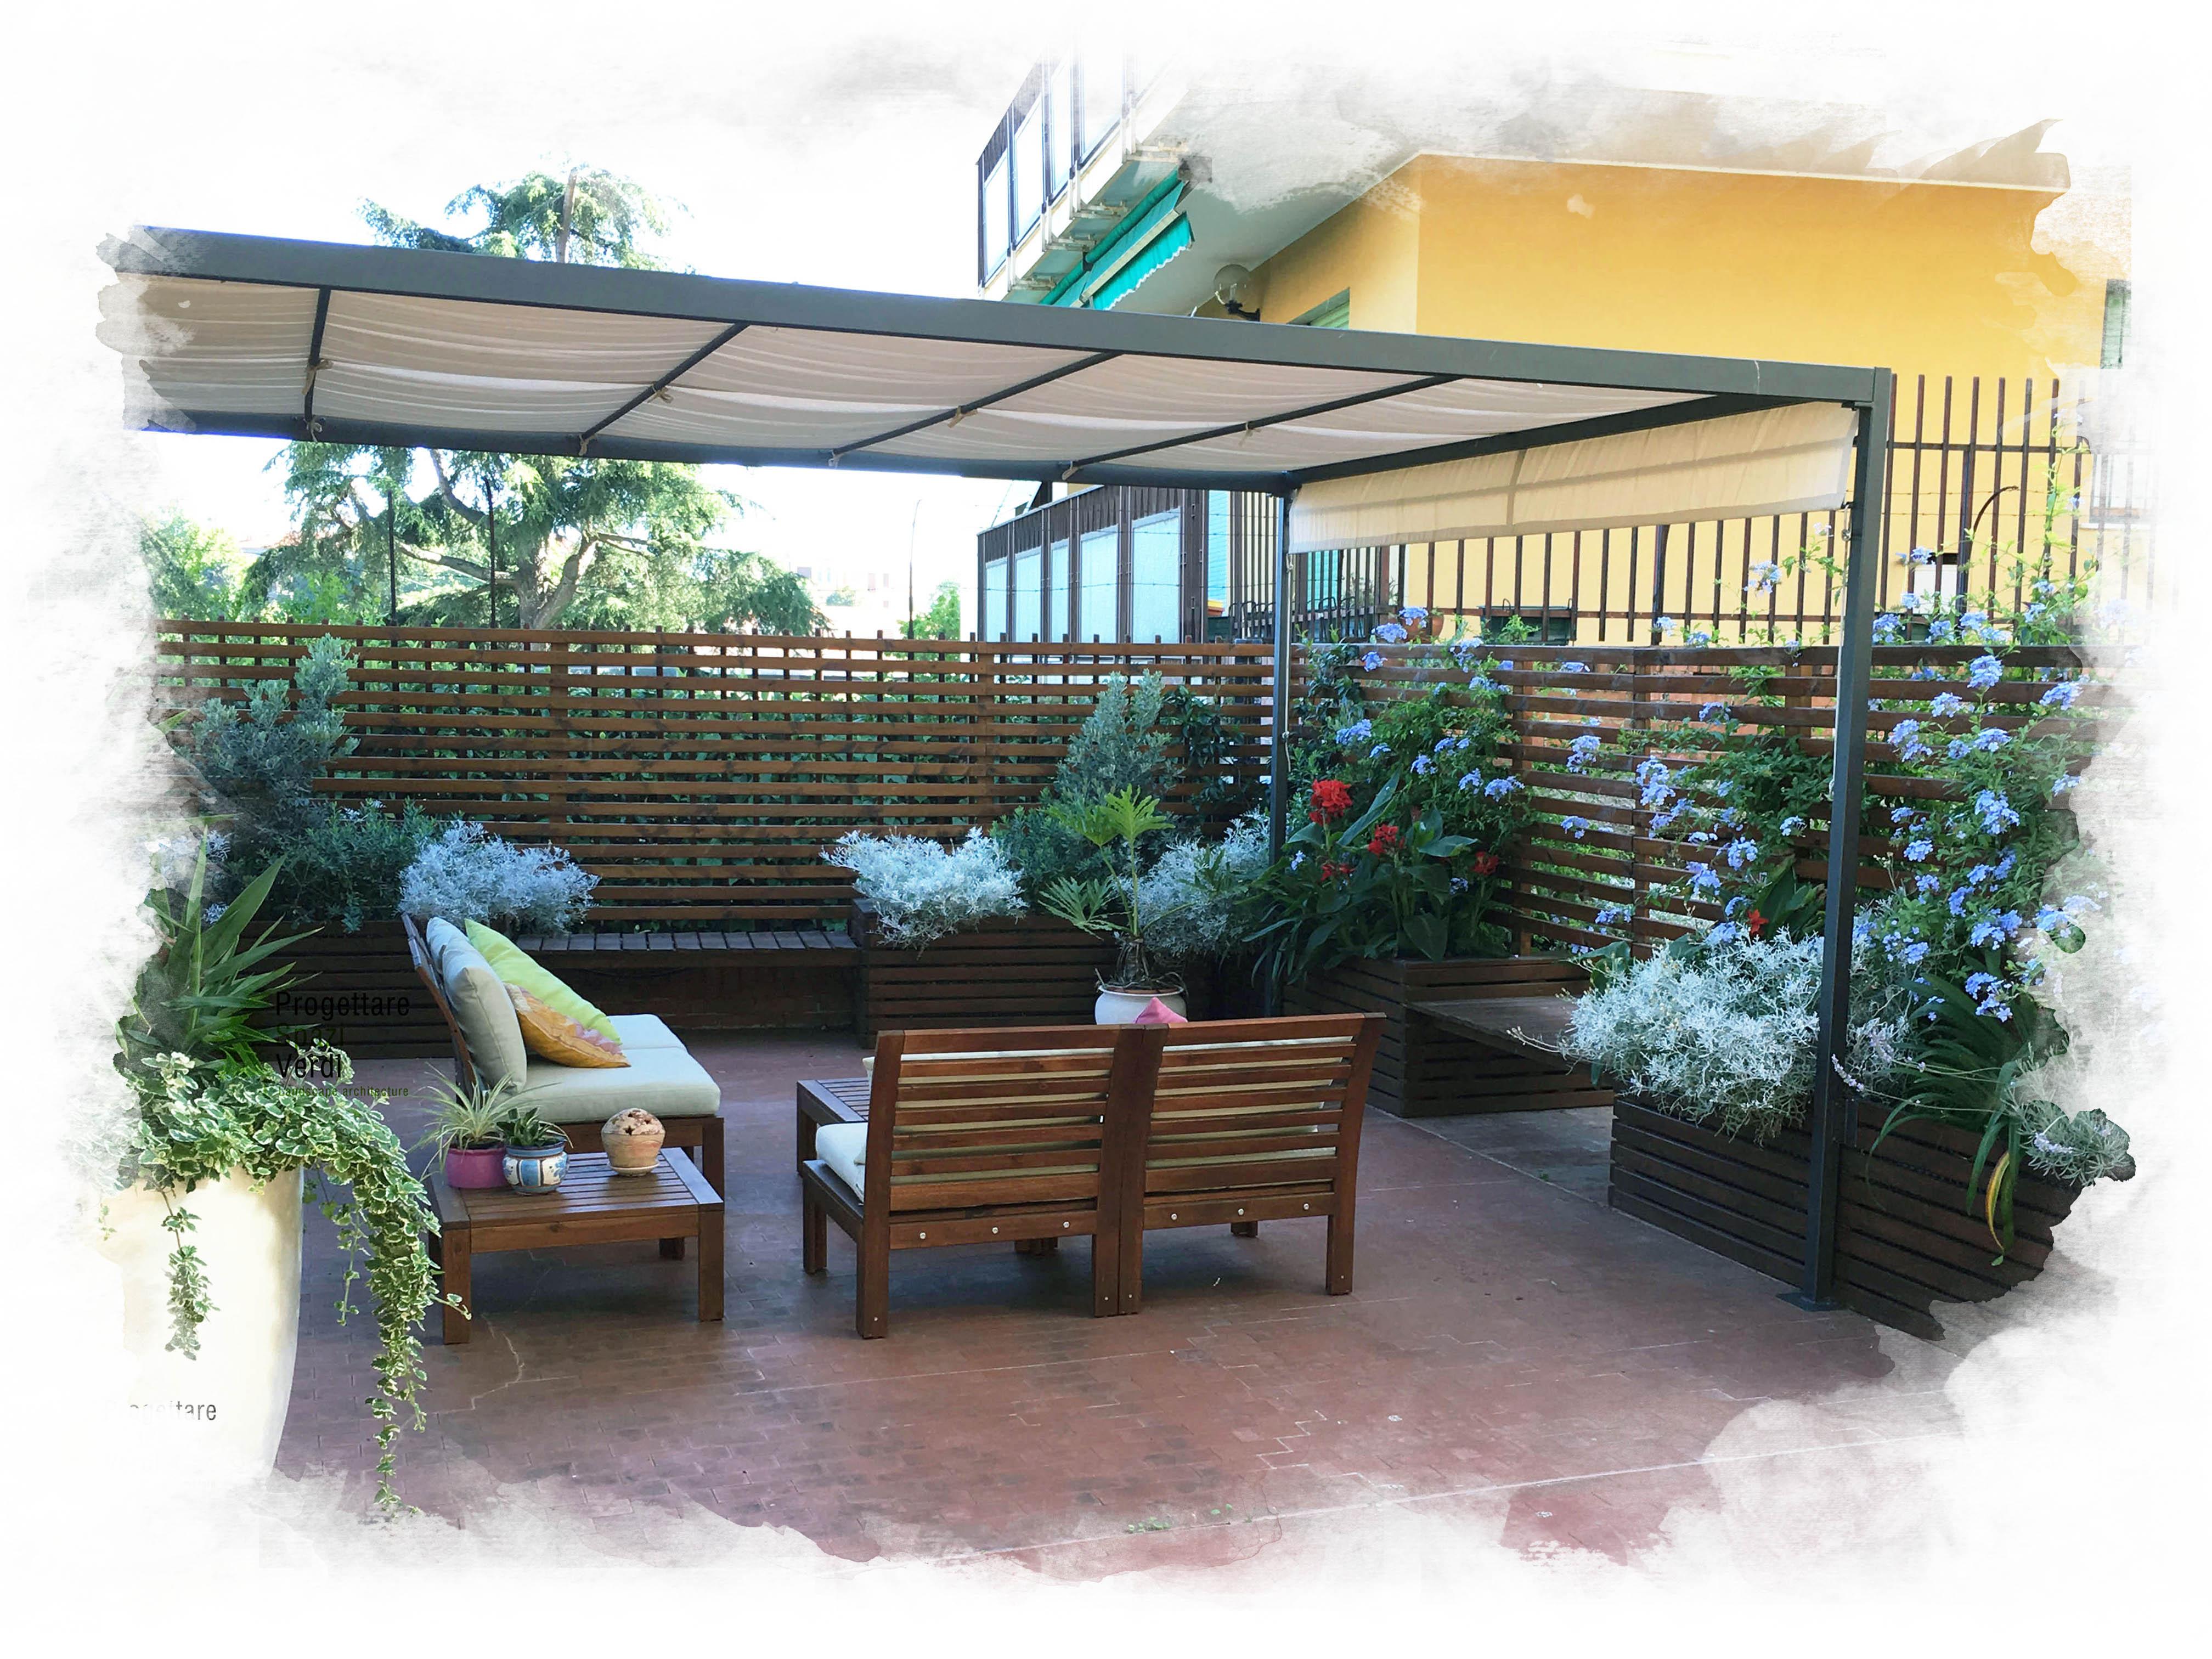 realizzazione giardino architetto paesaggista Andrea Telefono Andrea Jentile (1)